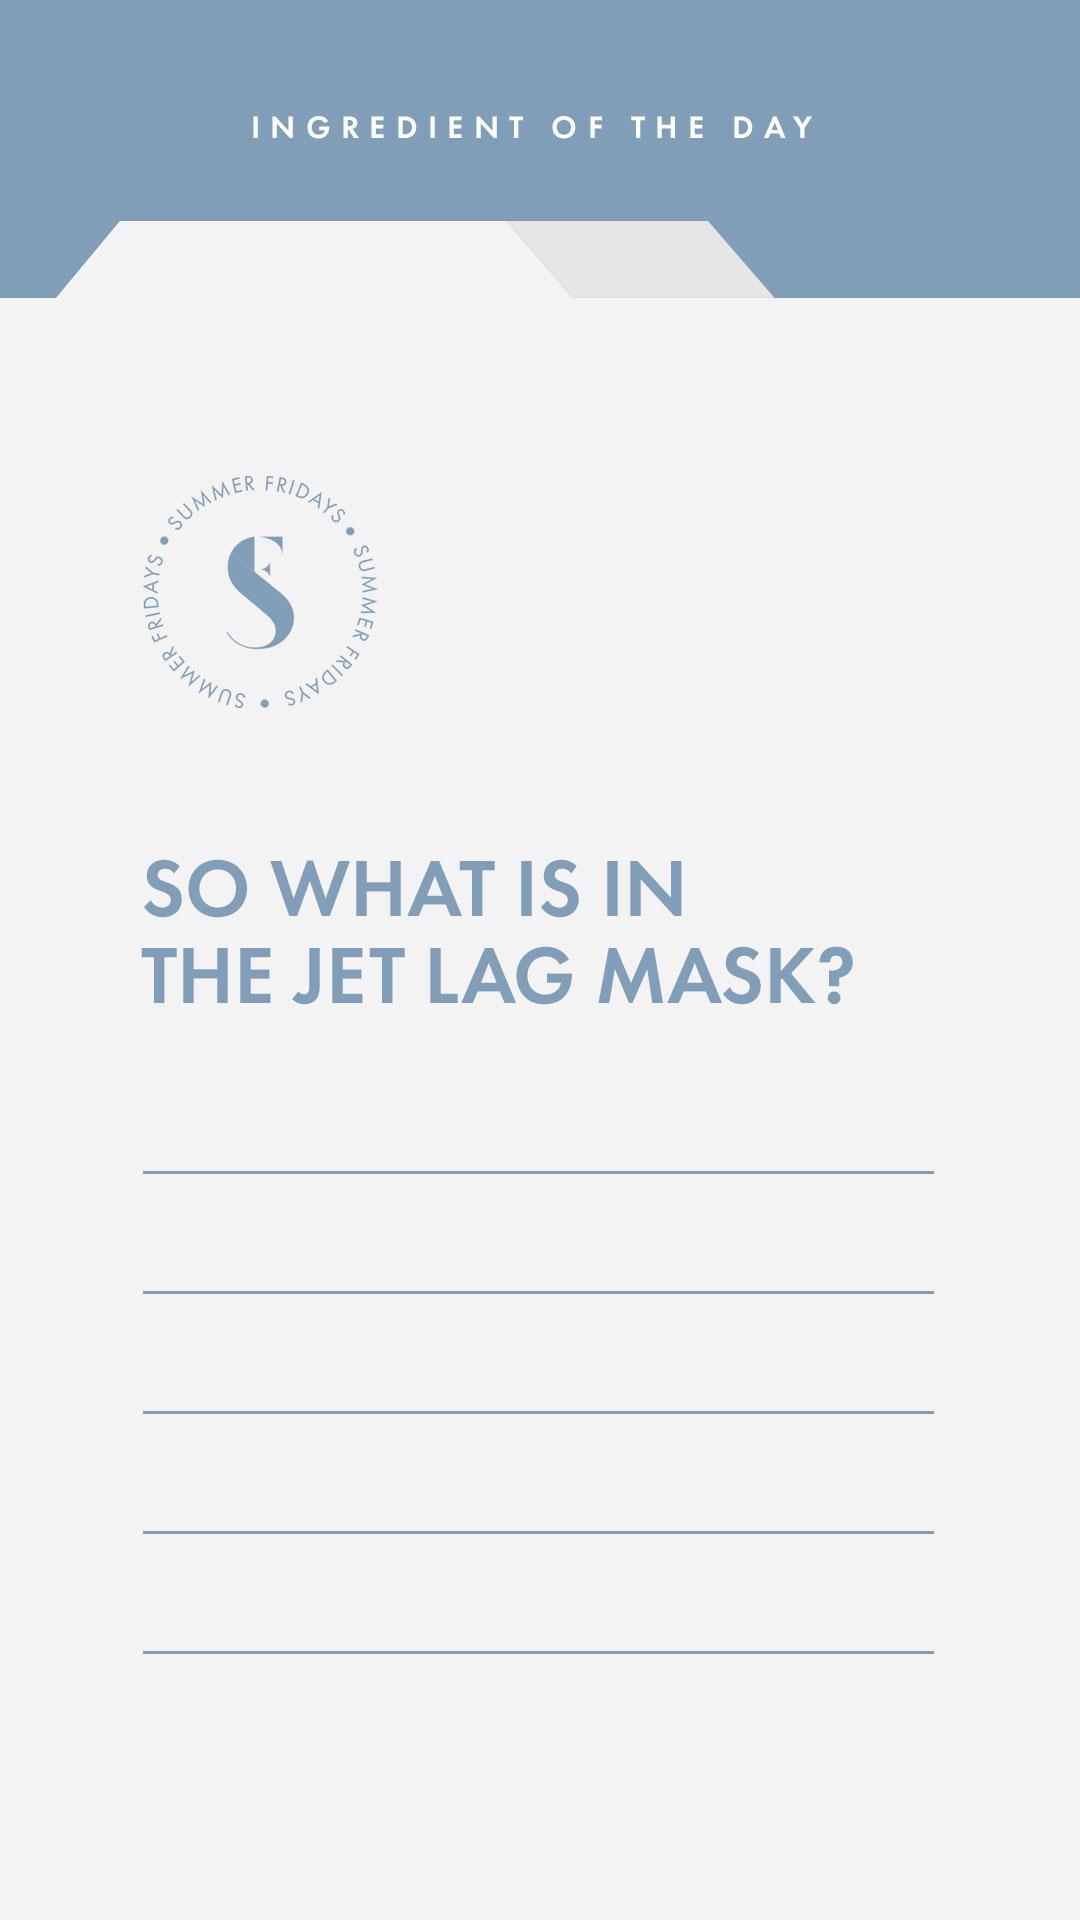 SF-Ingredients-Jet-Lag.jpg